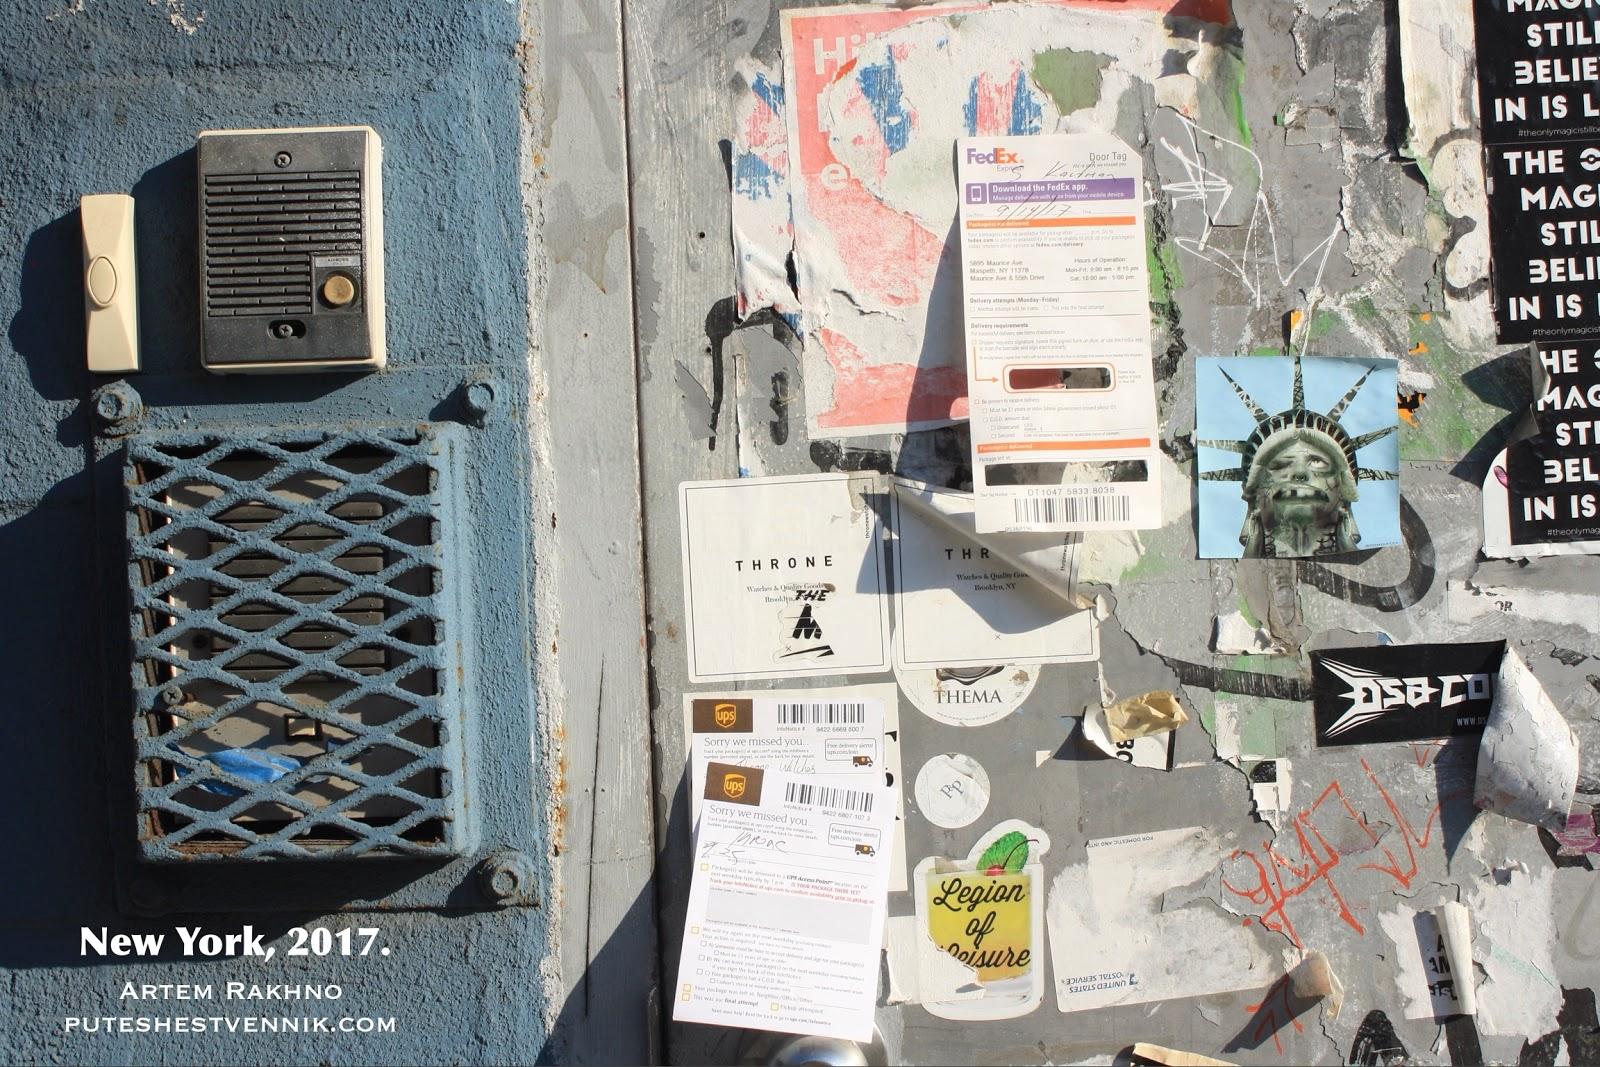 Объявления и дверной звонок в Нью-Йорке